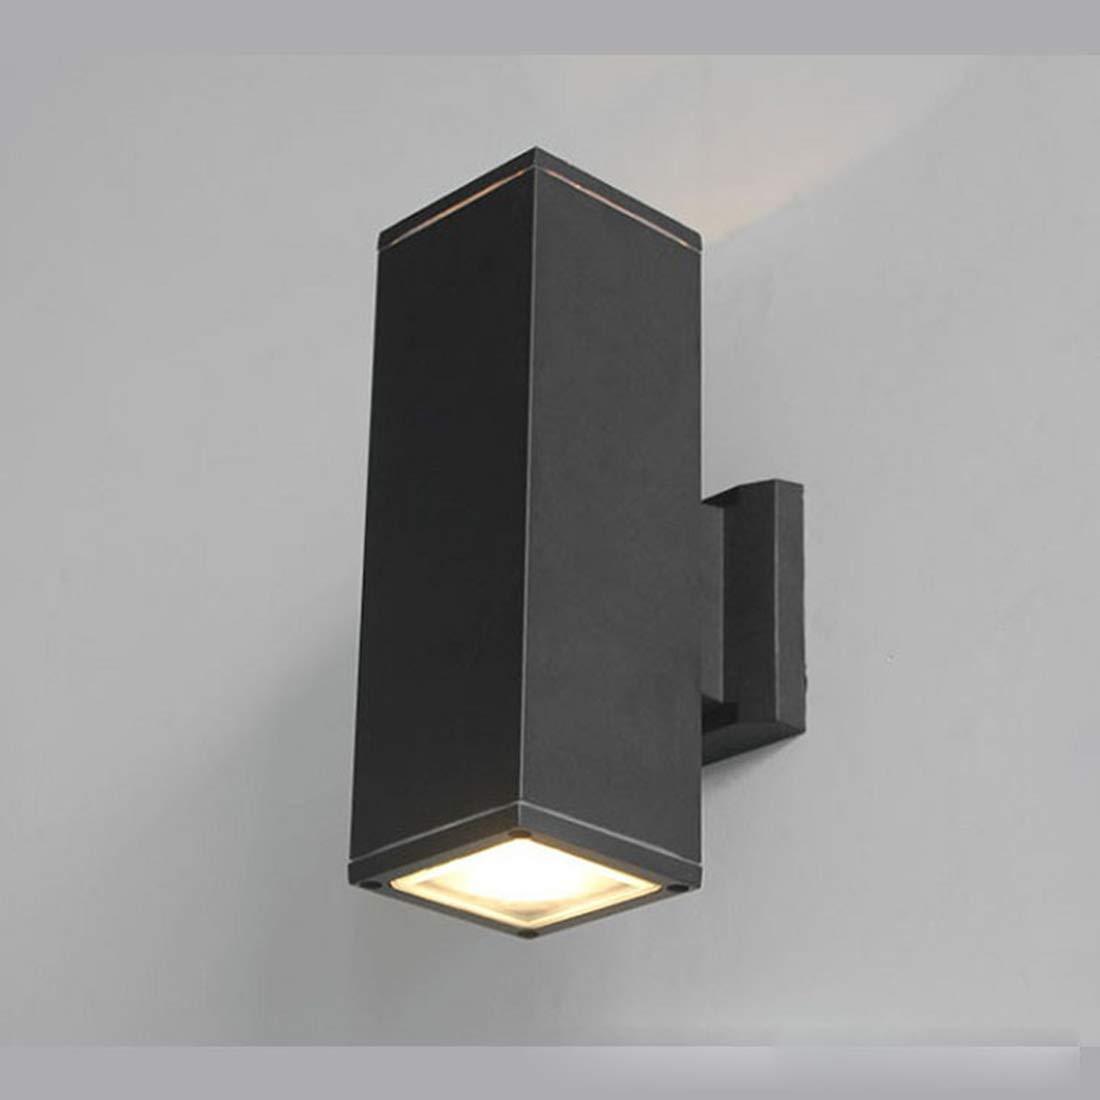 Cvthfyky Moderno nero doppio su giù per esterno applique da parete impermeabile applique da parete per balcone cortile porta (Colore   Warm bianca light-12W)